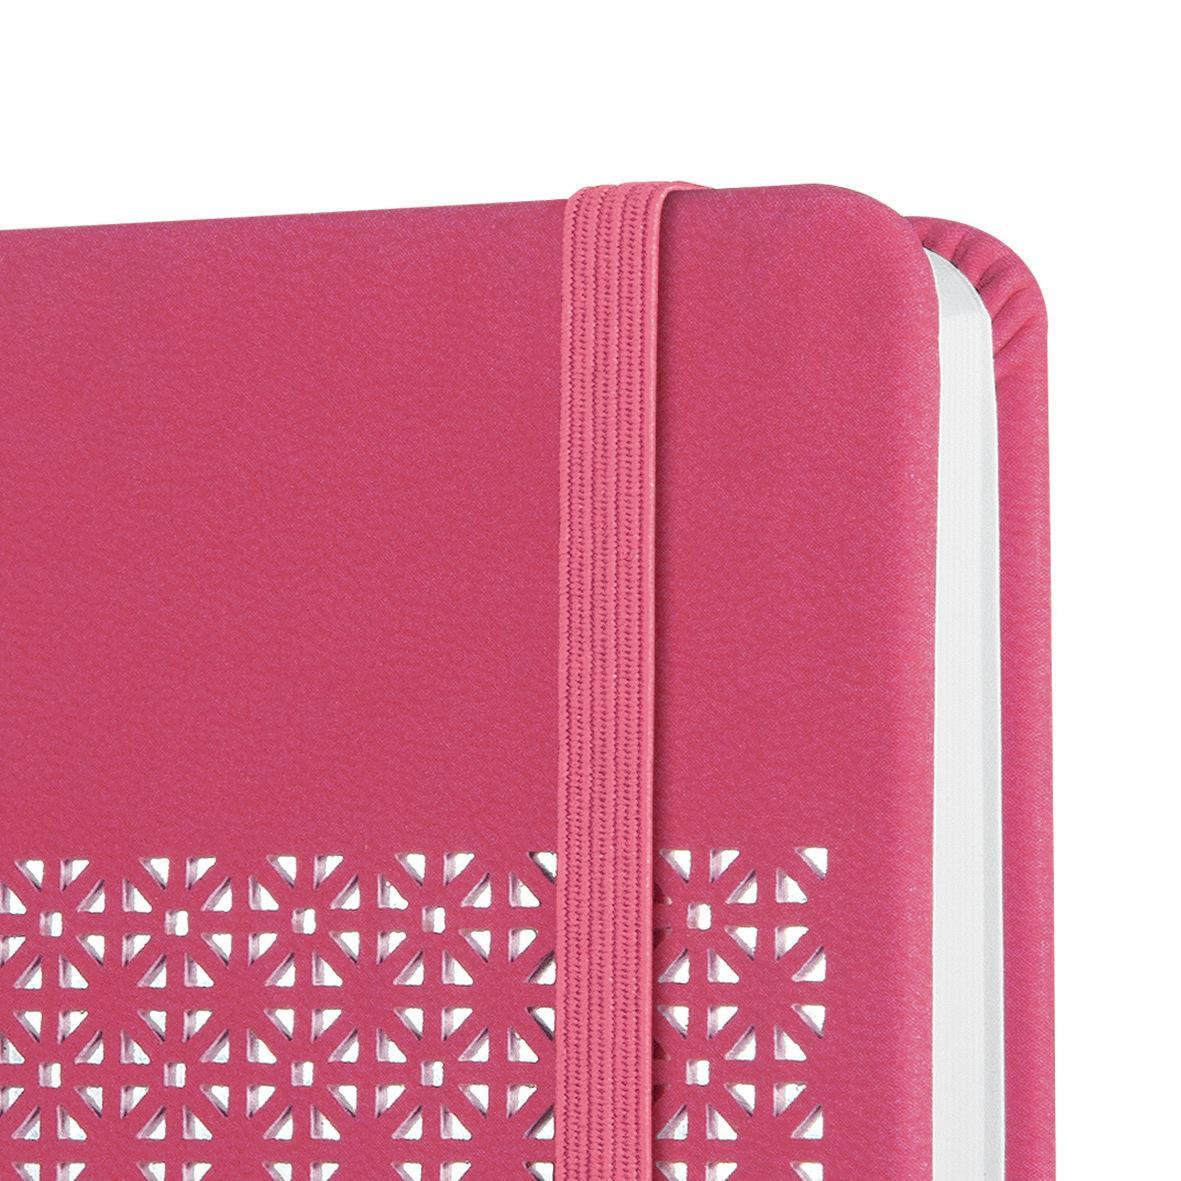 Sigel Wochenkalender J0206 Jolie 2020 peacock pink Hardcover ca A6 Buchkalender